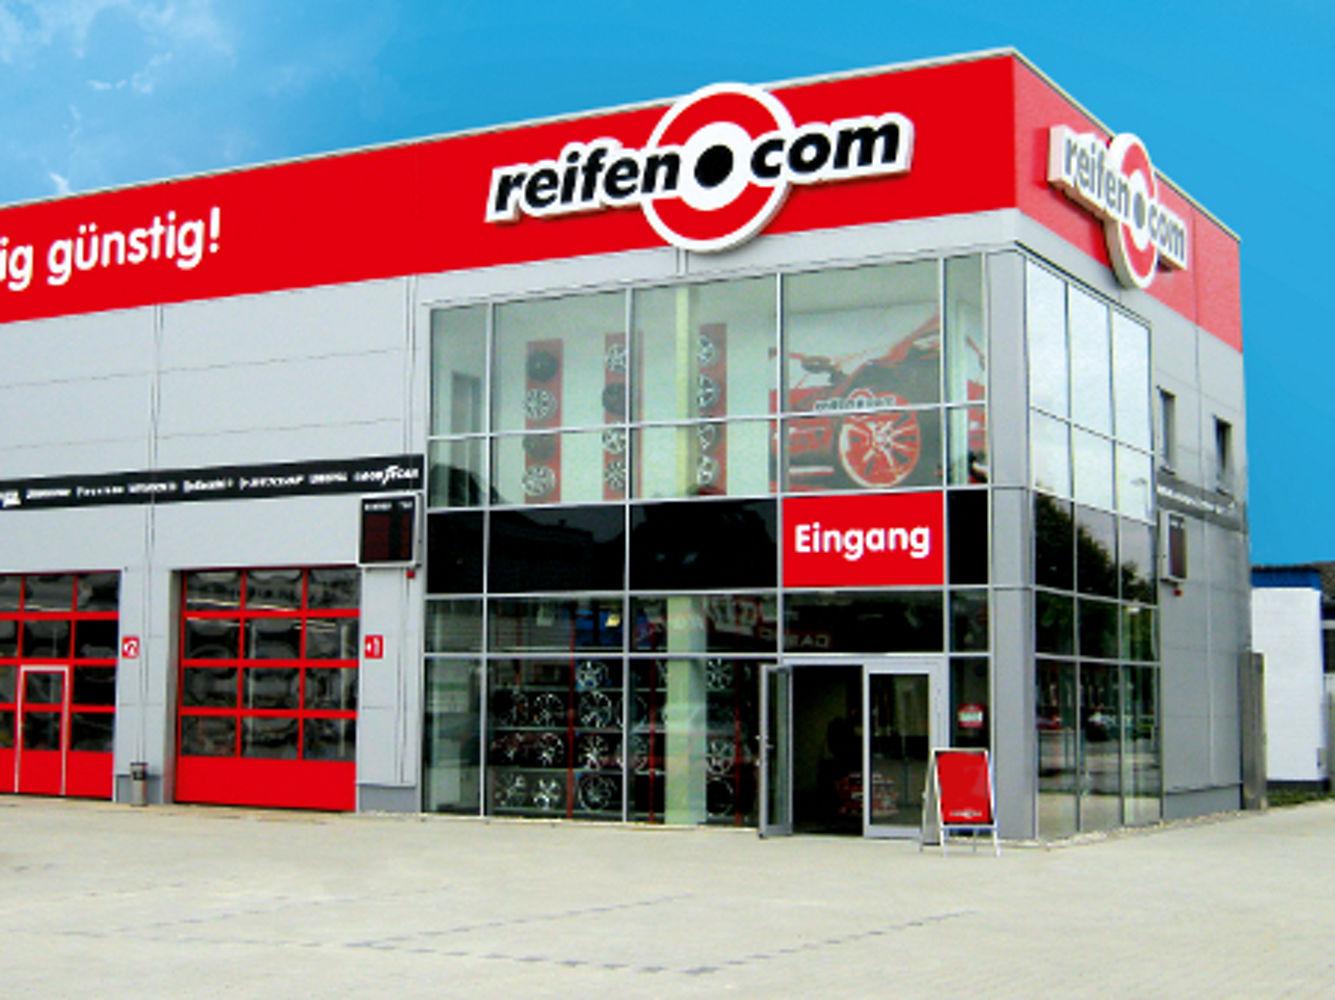 reifen.com-branch in Mülheim an der Ruhr